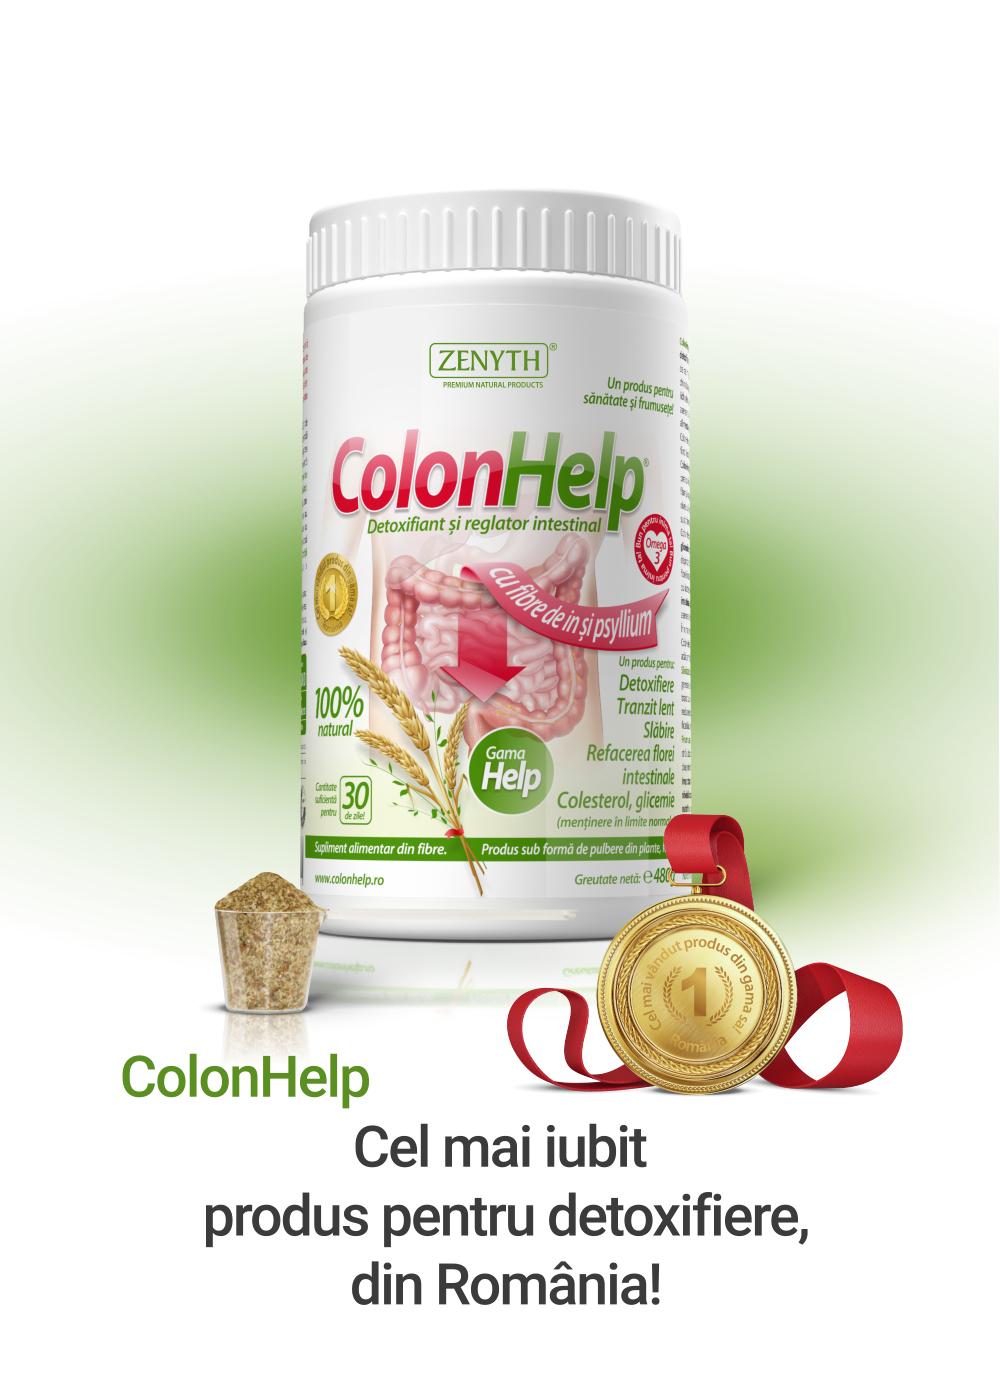 colon help prospect)